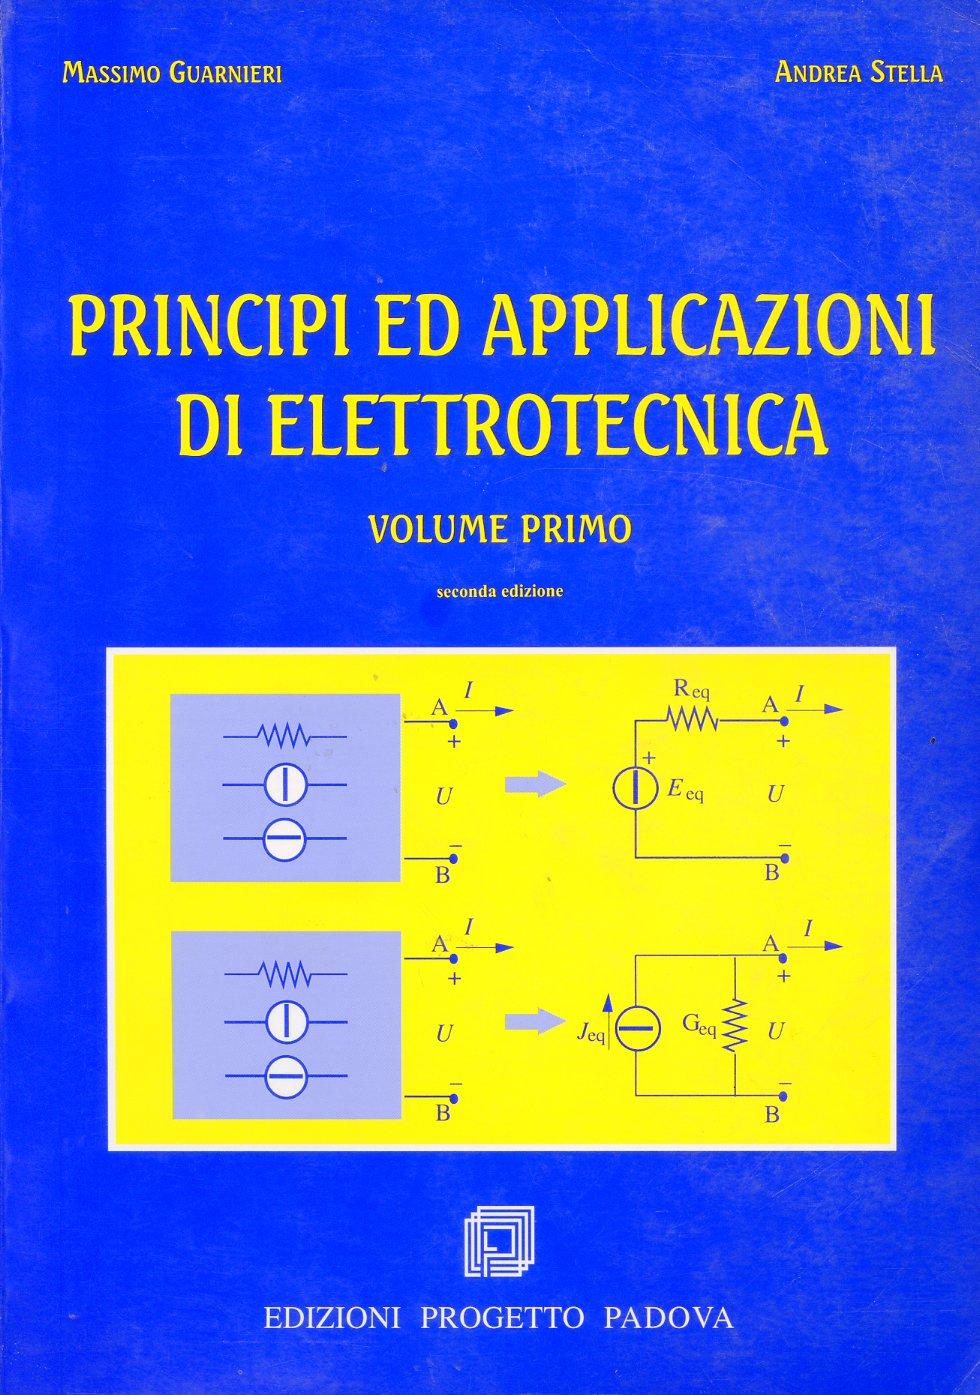 Principi e applicazioni di elettrotecnica